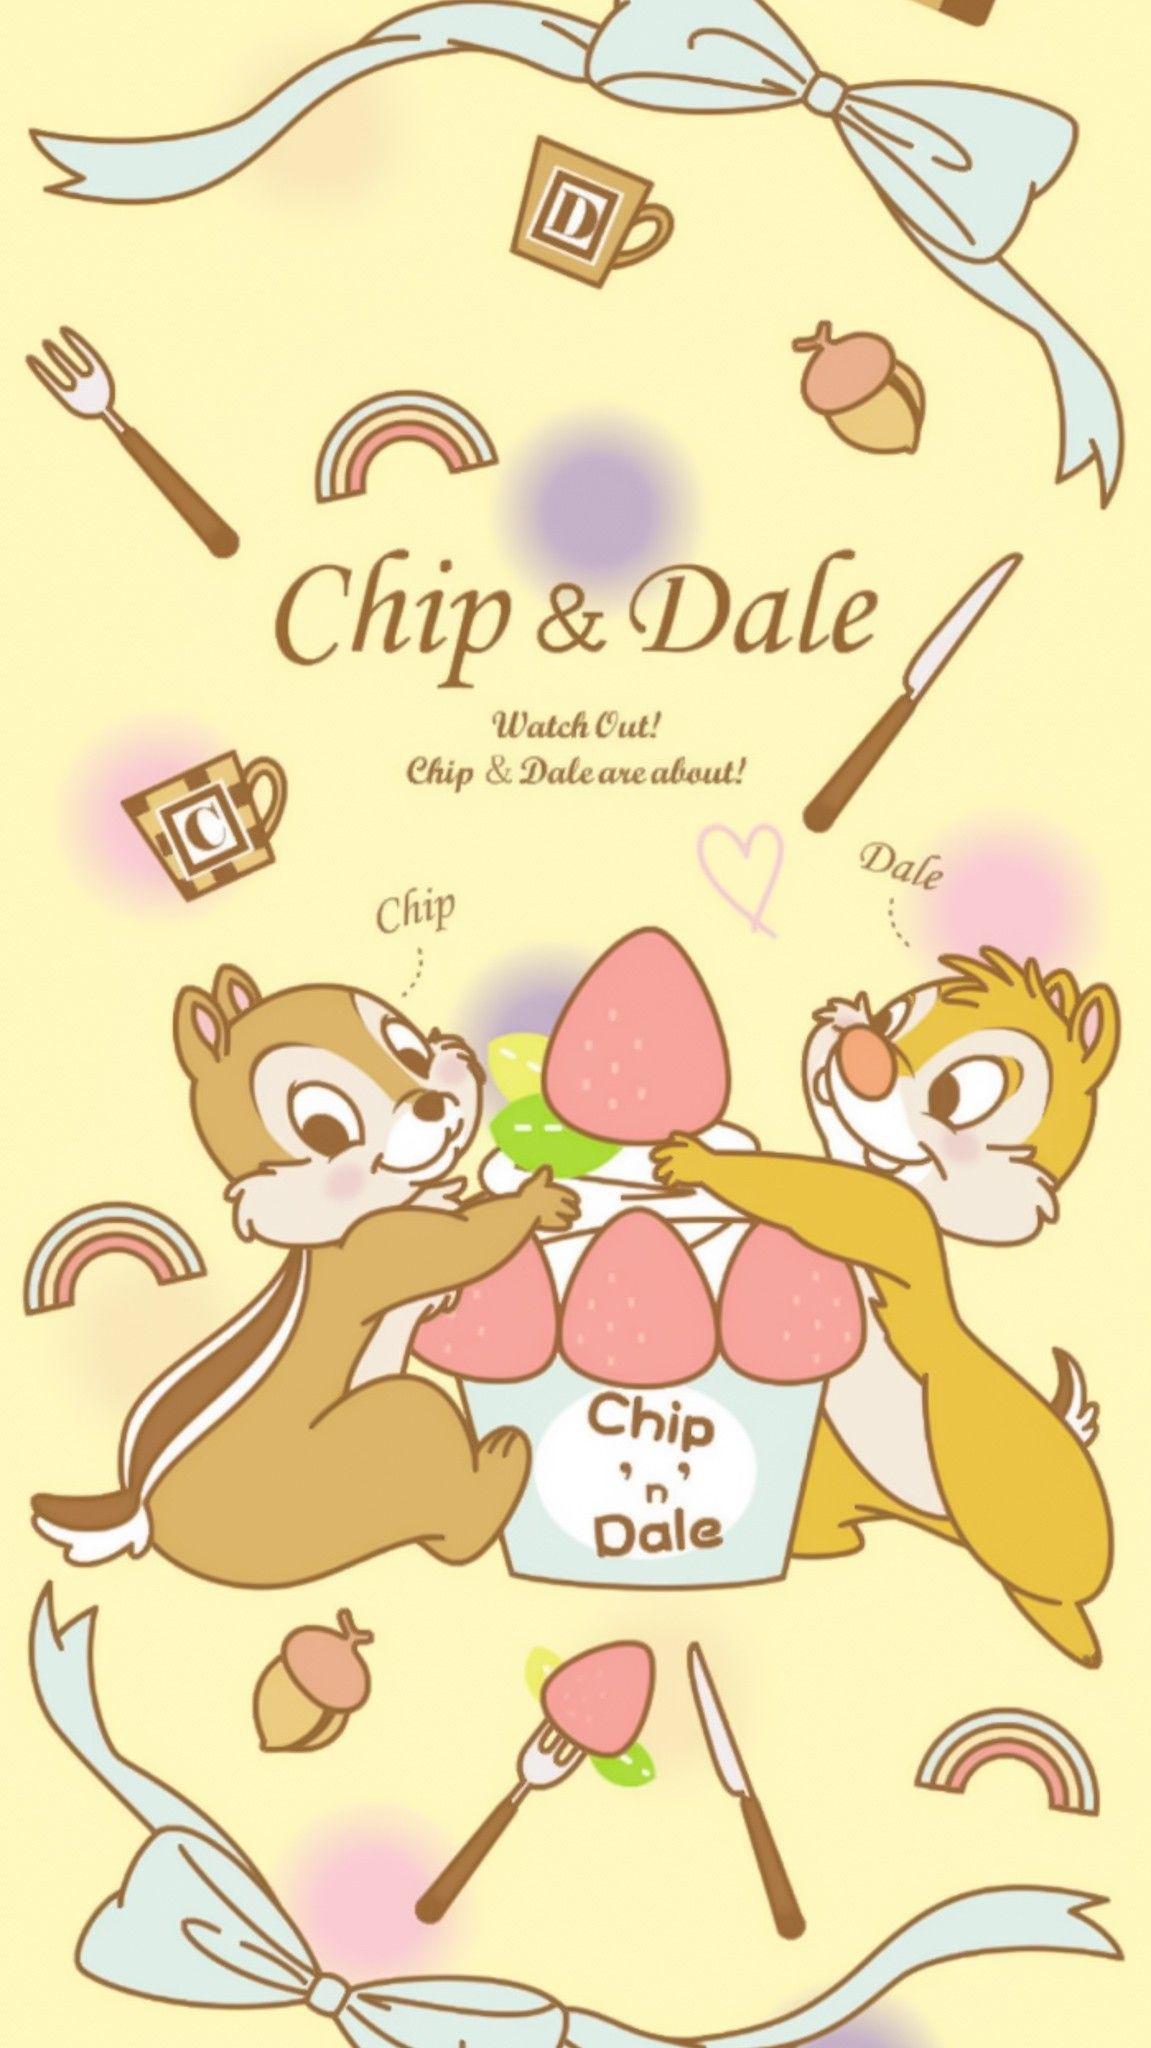 Chip Dale おしゃれまとめの人気アイデア Pinterest Giulia チップとデール 壁紙 でぃずにー 壁紙 ディズニー イラスト